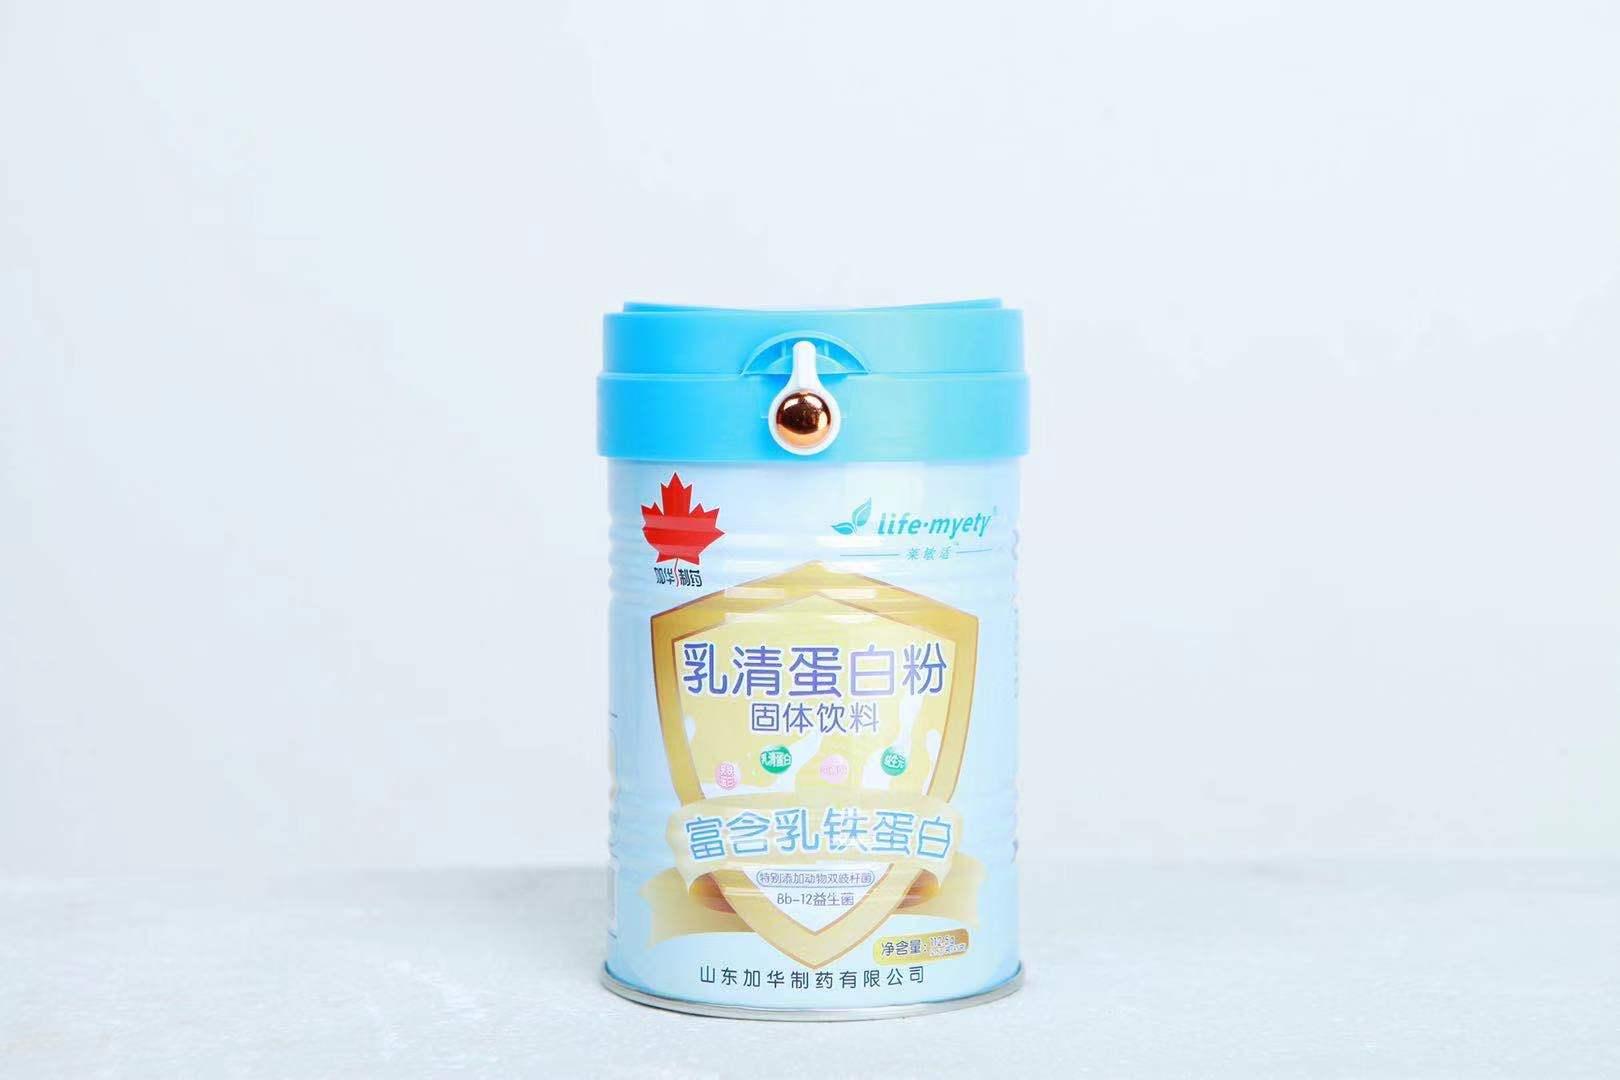 山东加华制药(莱敏适)高含量乳铁蛋白全国火爆招商